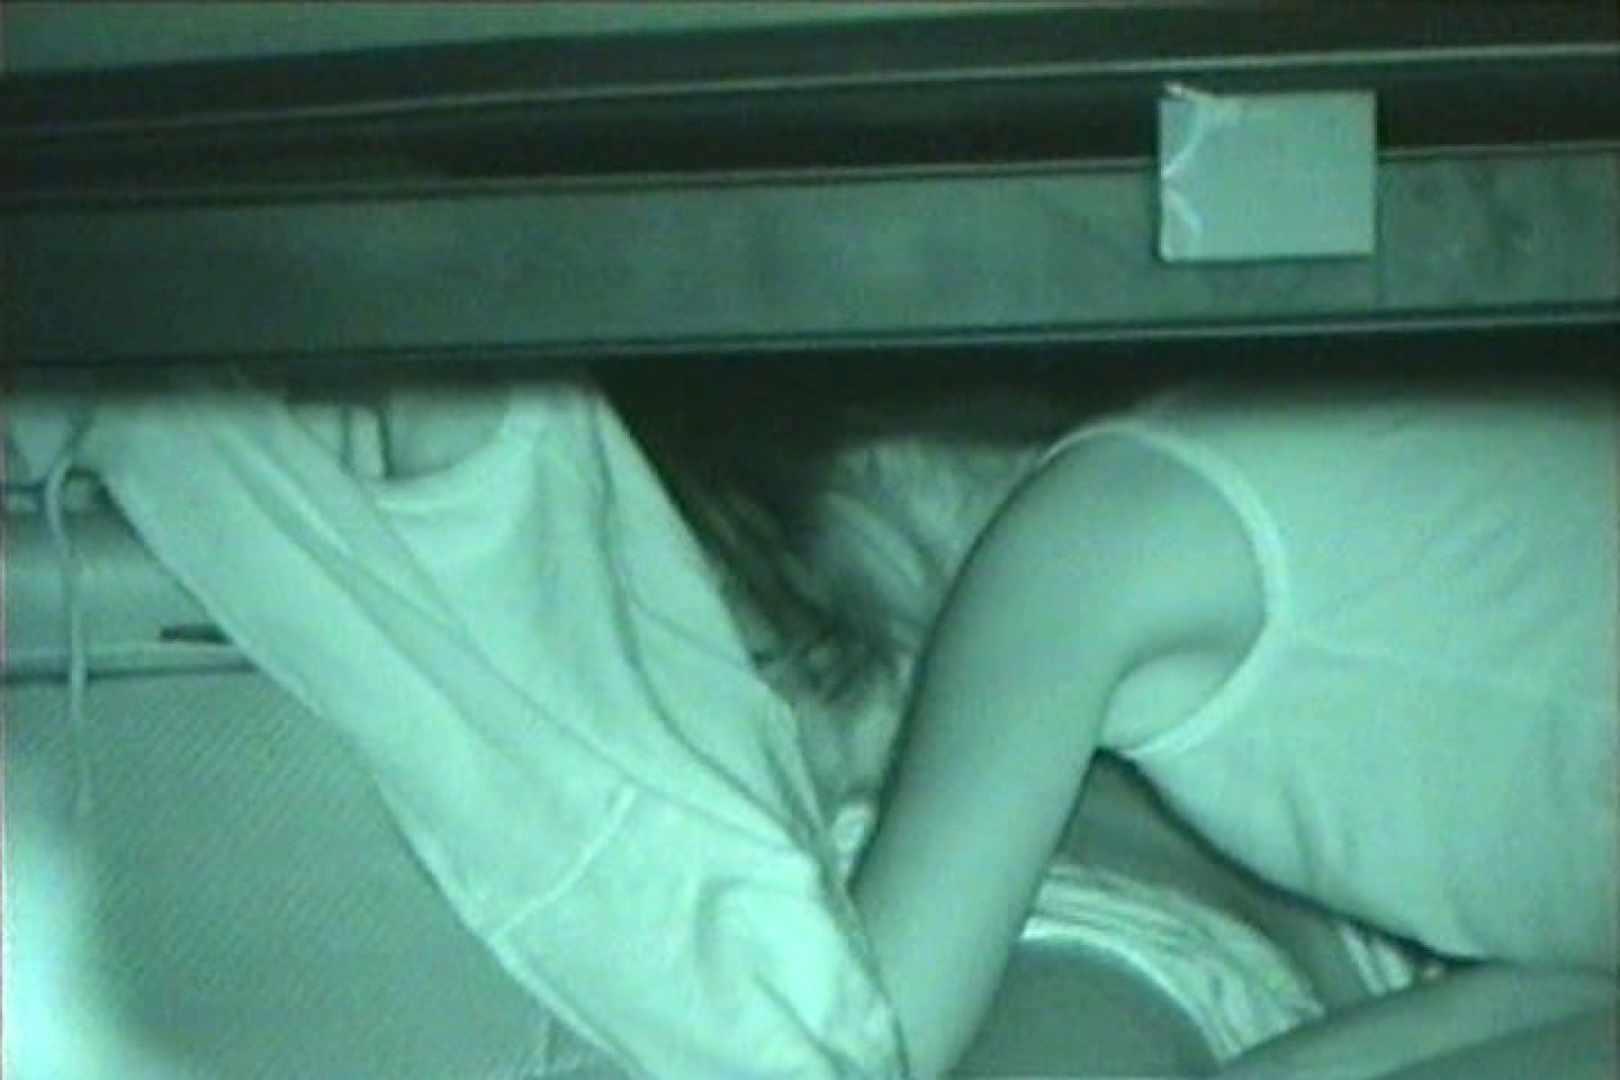 車の中はラブホテル 無修正版  Vol.25 カップルのセックス 覗きおまんこ画像 103PIX 14